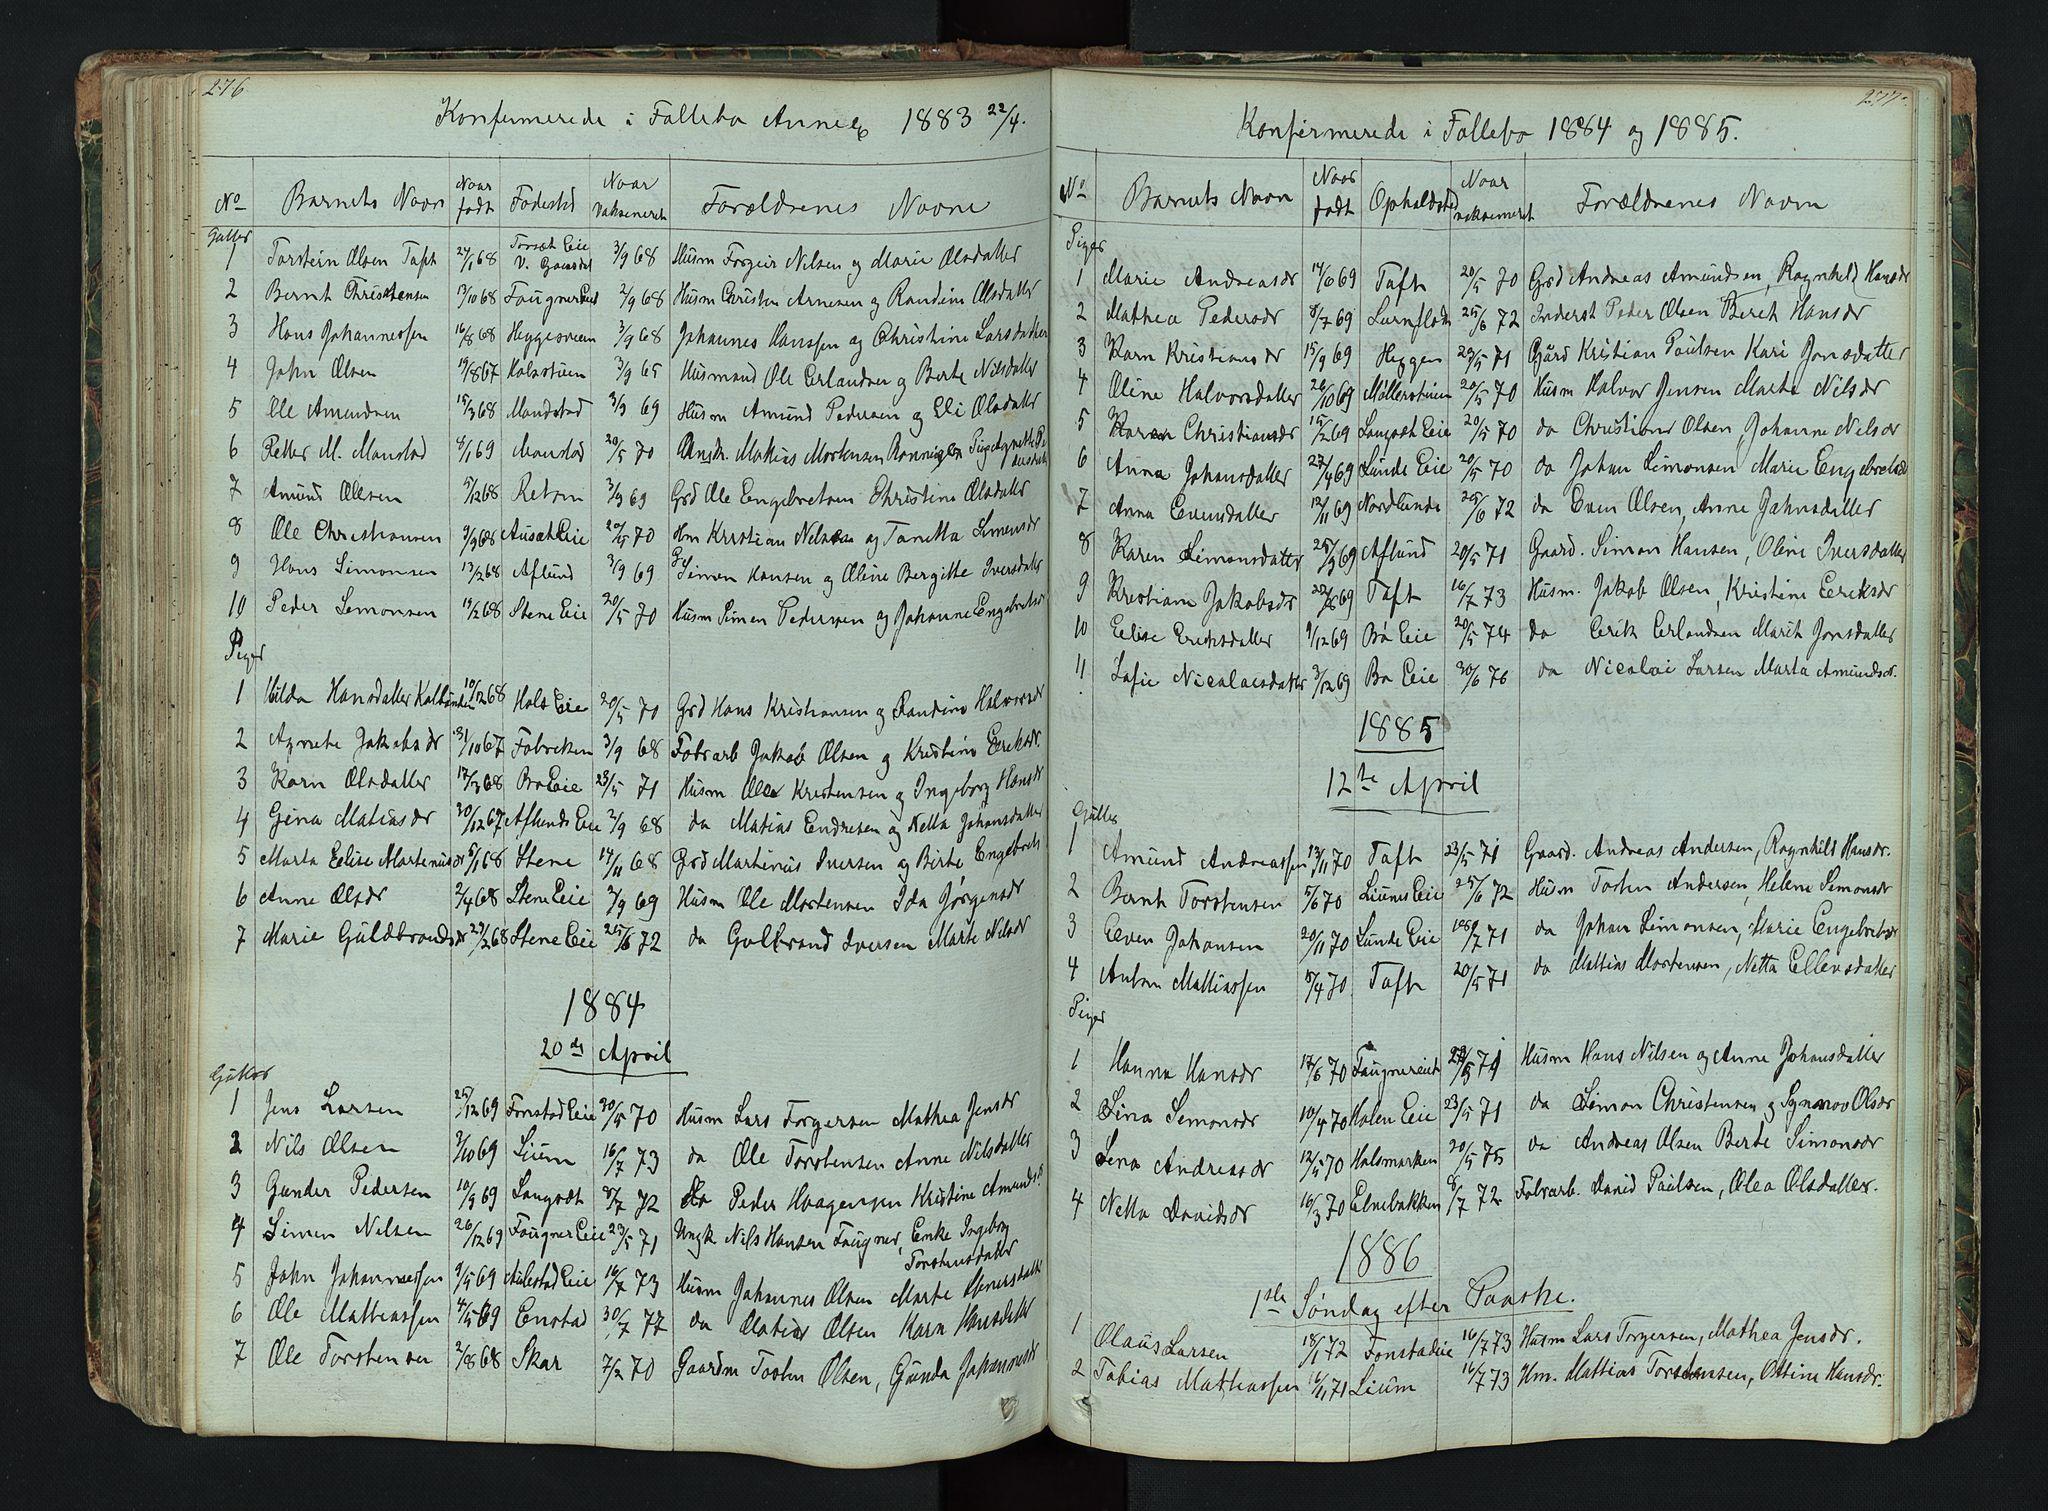 SAH, Gausdal prestekontor, Klokkerbok nr. 6, 1846-1893, s. 276-277